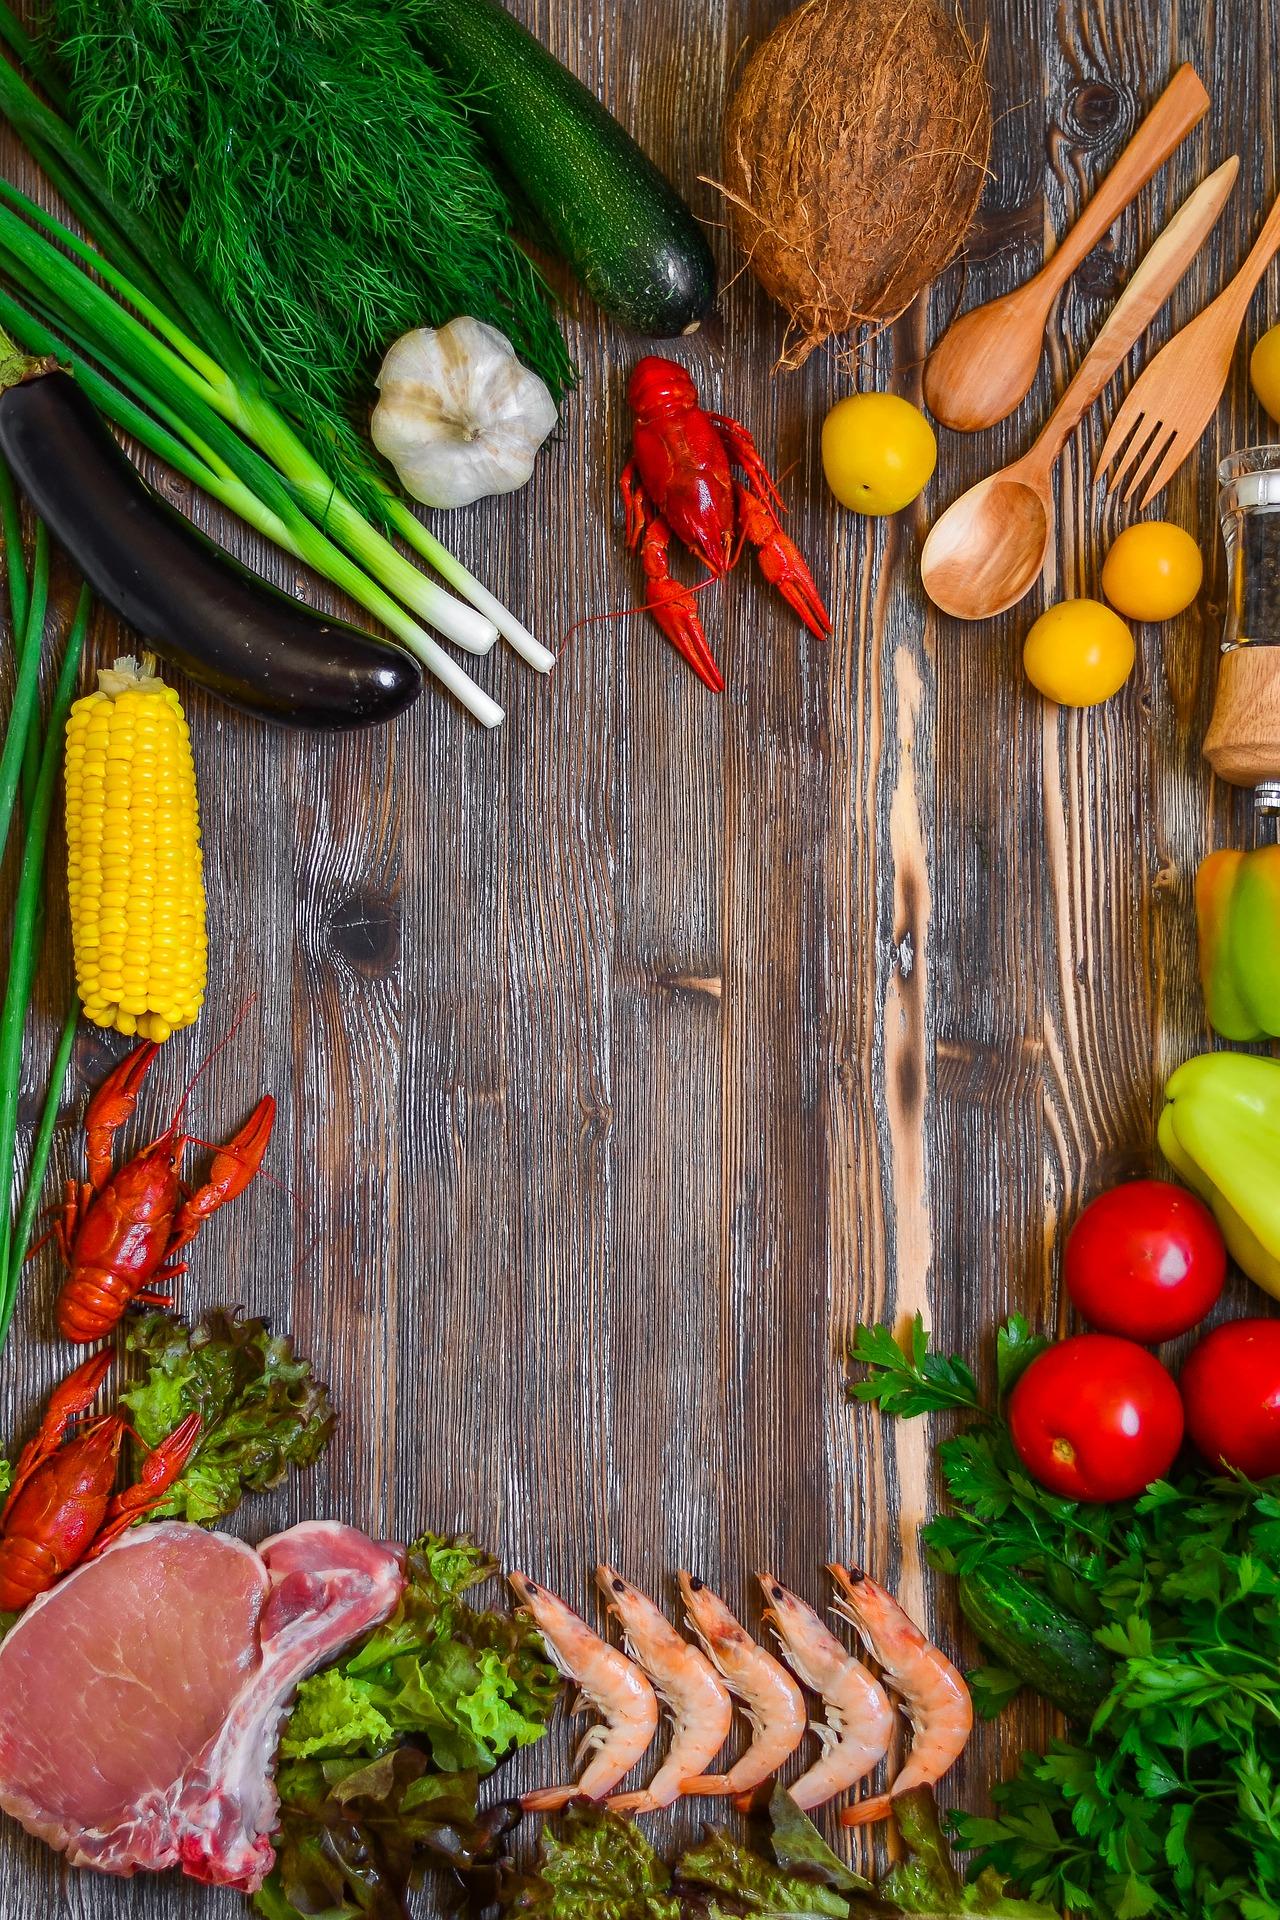 food-1898194_1920.jpg